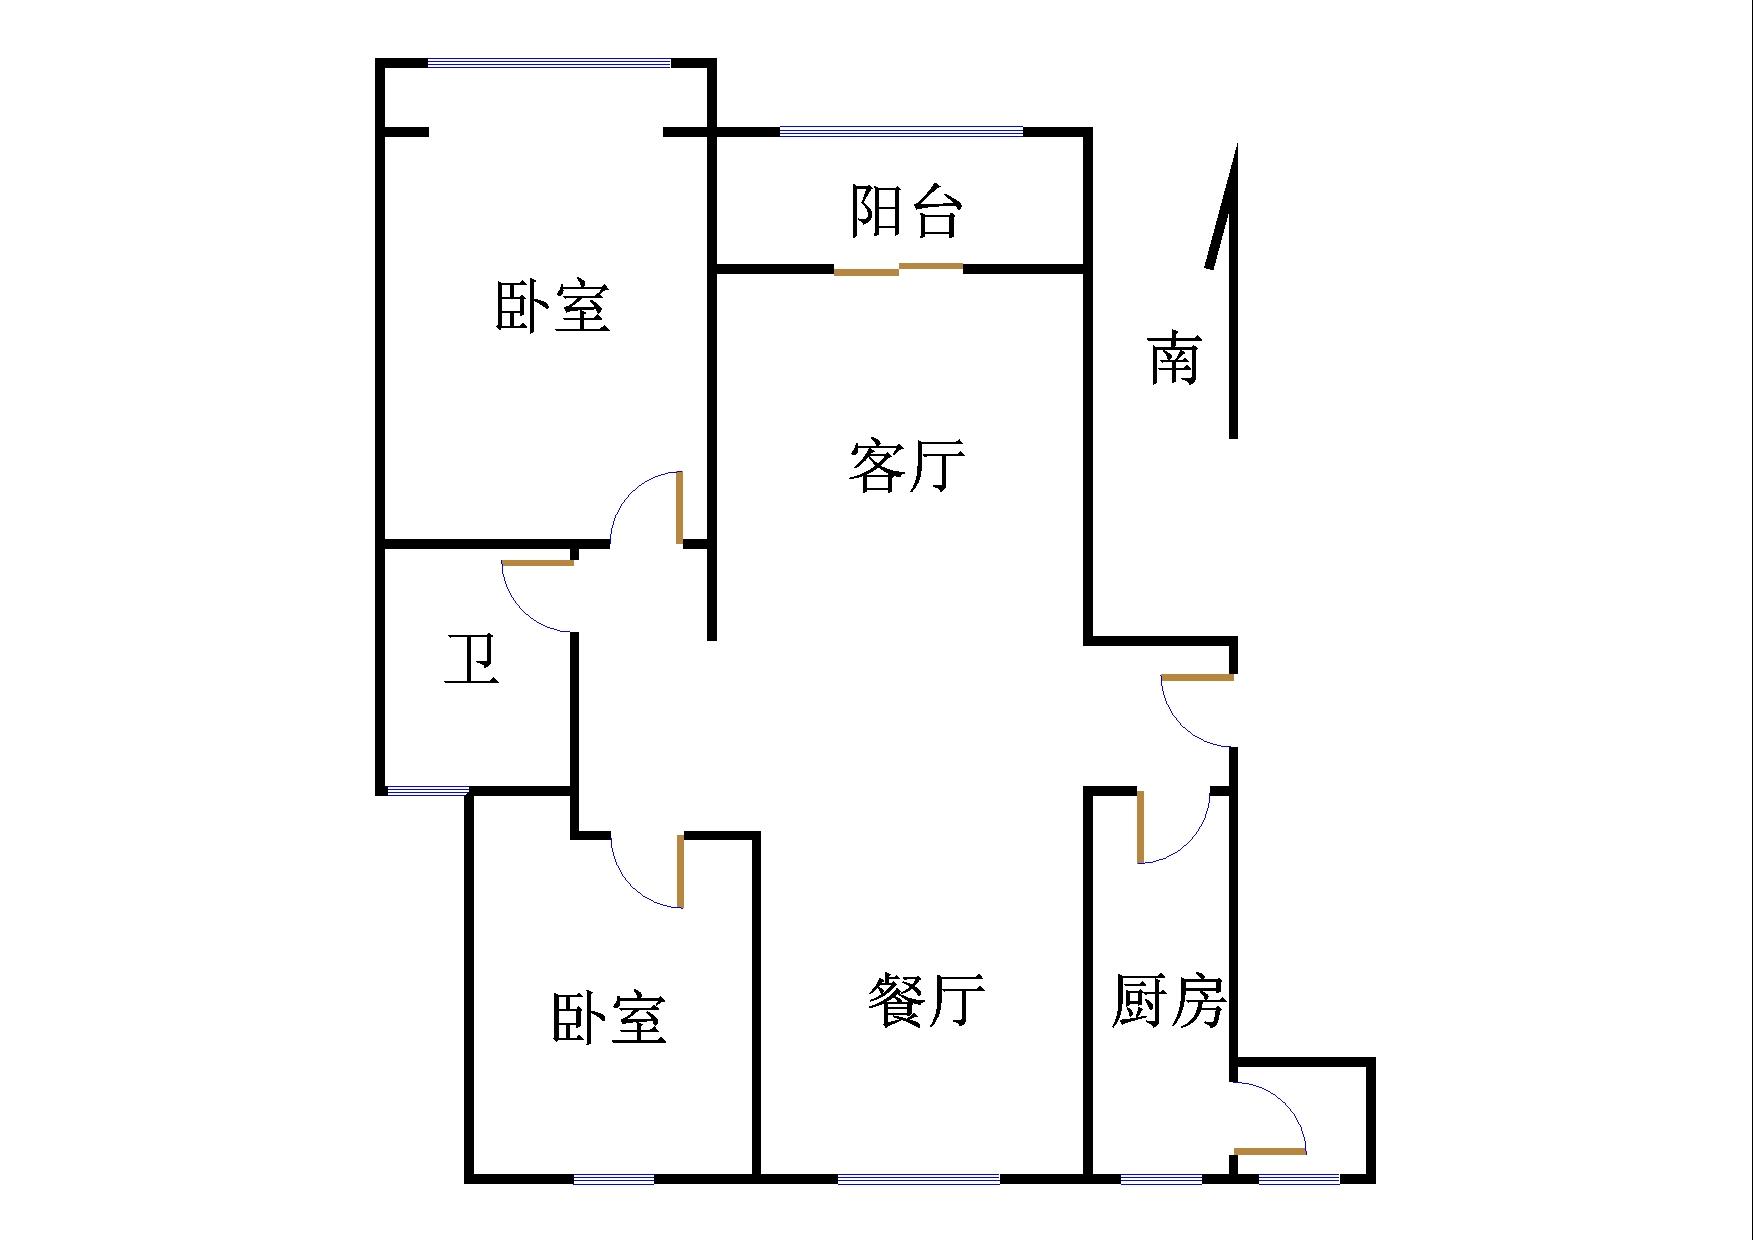 双馨苑 2室2厅 1楼